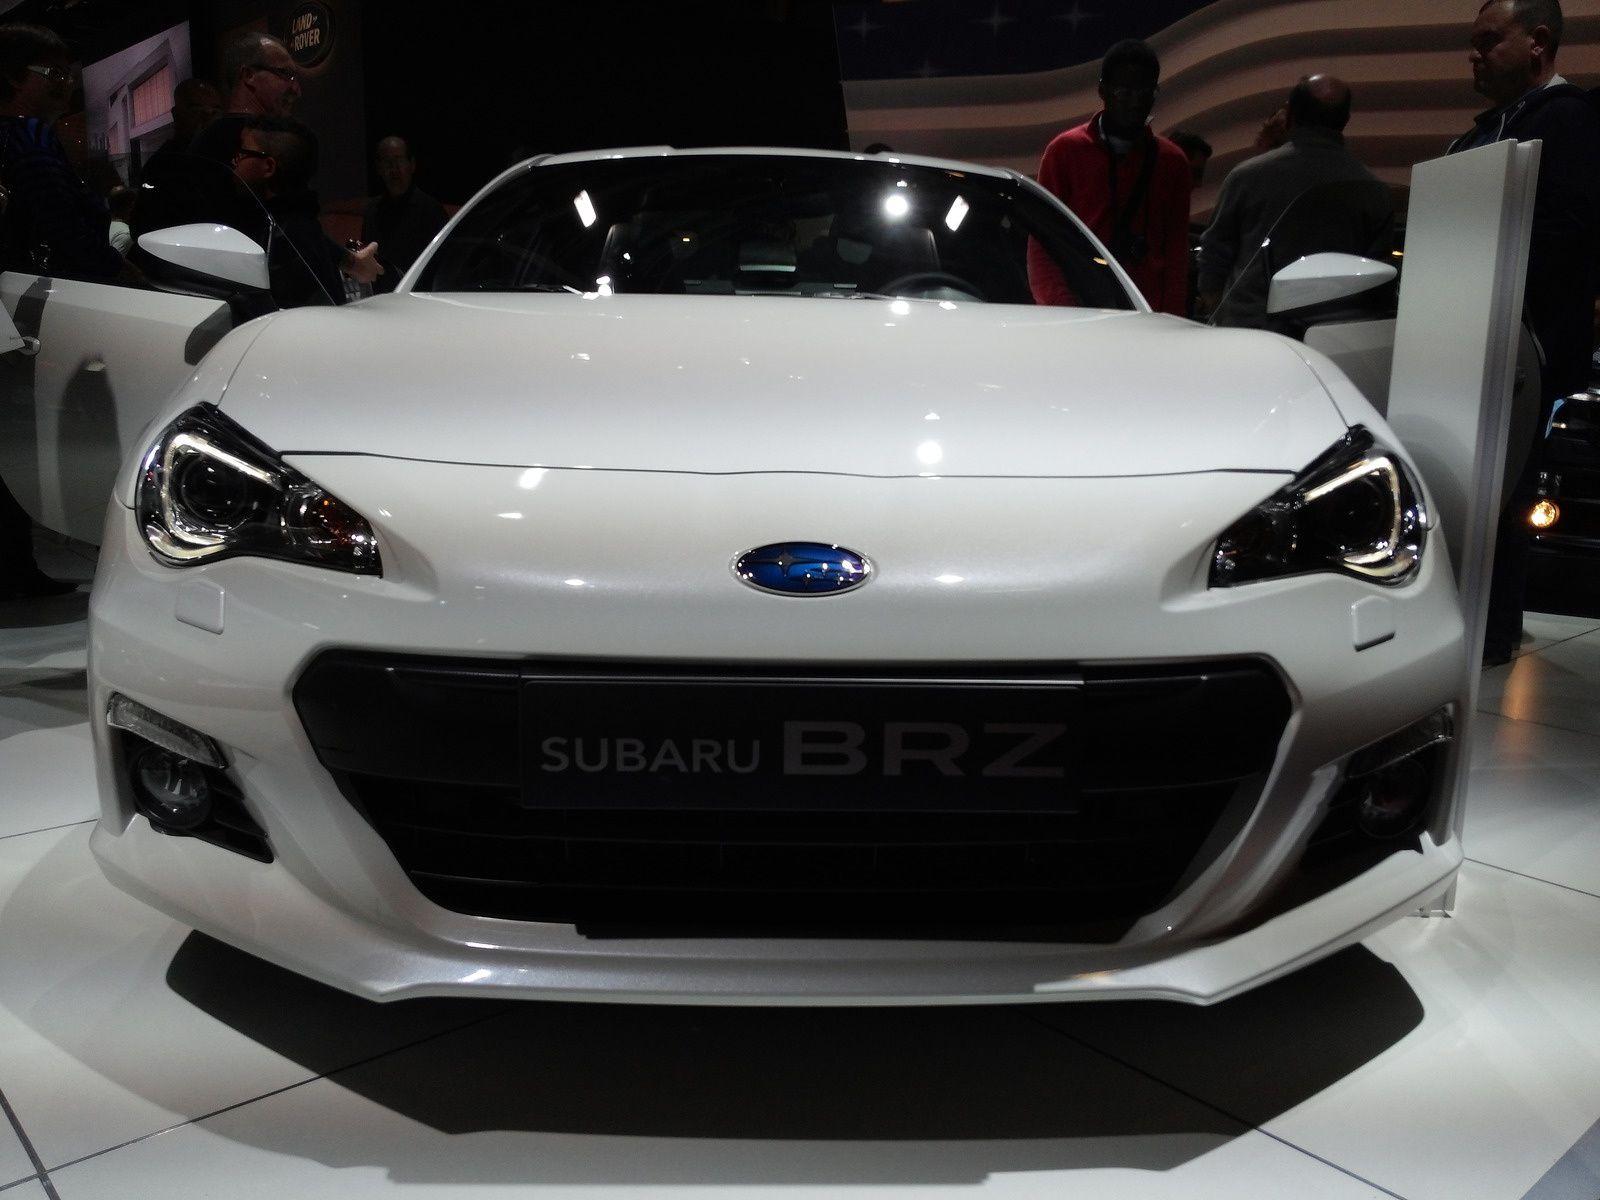 Subaru BRZ 2.0 -  Cylindrée :2.0L 4cyl.  -  Puissance :200 ch à 7000 tr/min - Vitesse maximale 226 km/h 0 à 100 :7.6 s - Prix de base  29 800 €